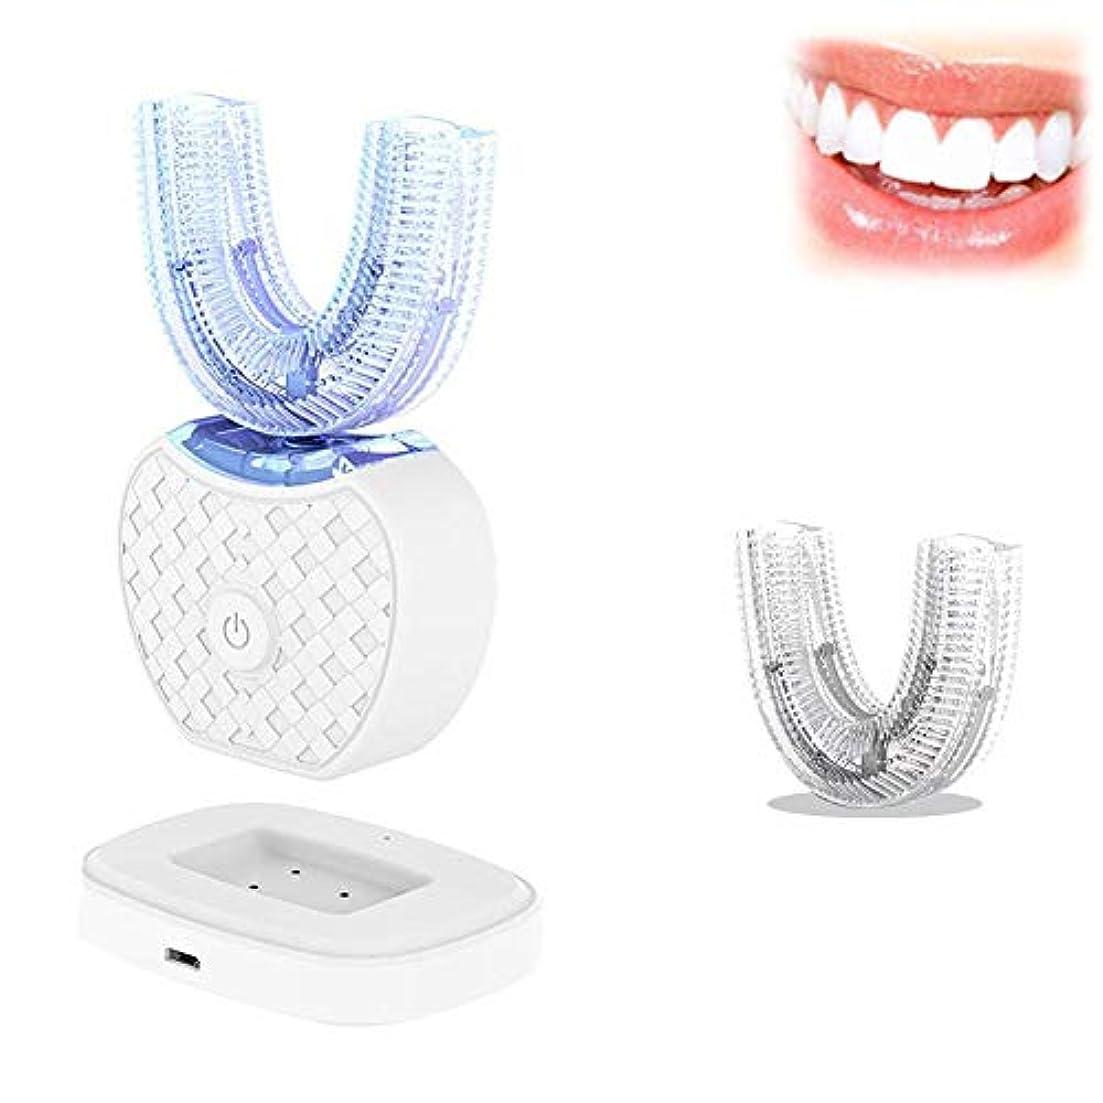 住所すき親指電動歯ブラシフルオートマチック360°超音波ホワイトニングU型マウスクリーナー充電式ワイヤレスポータブルLEDランプFDA / IPX7 (Color : White)